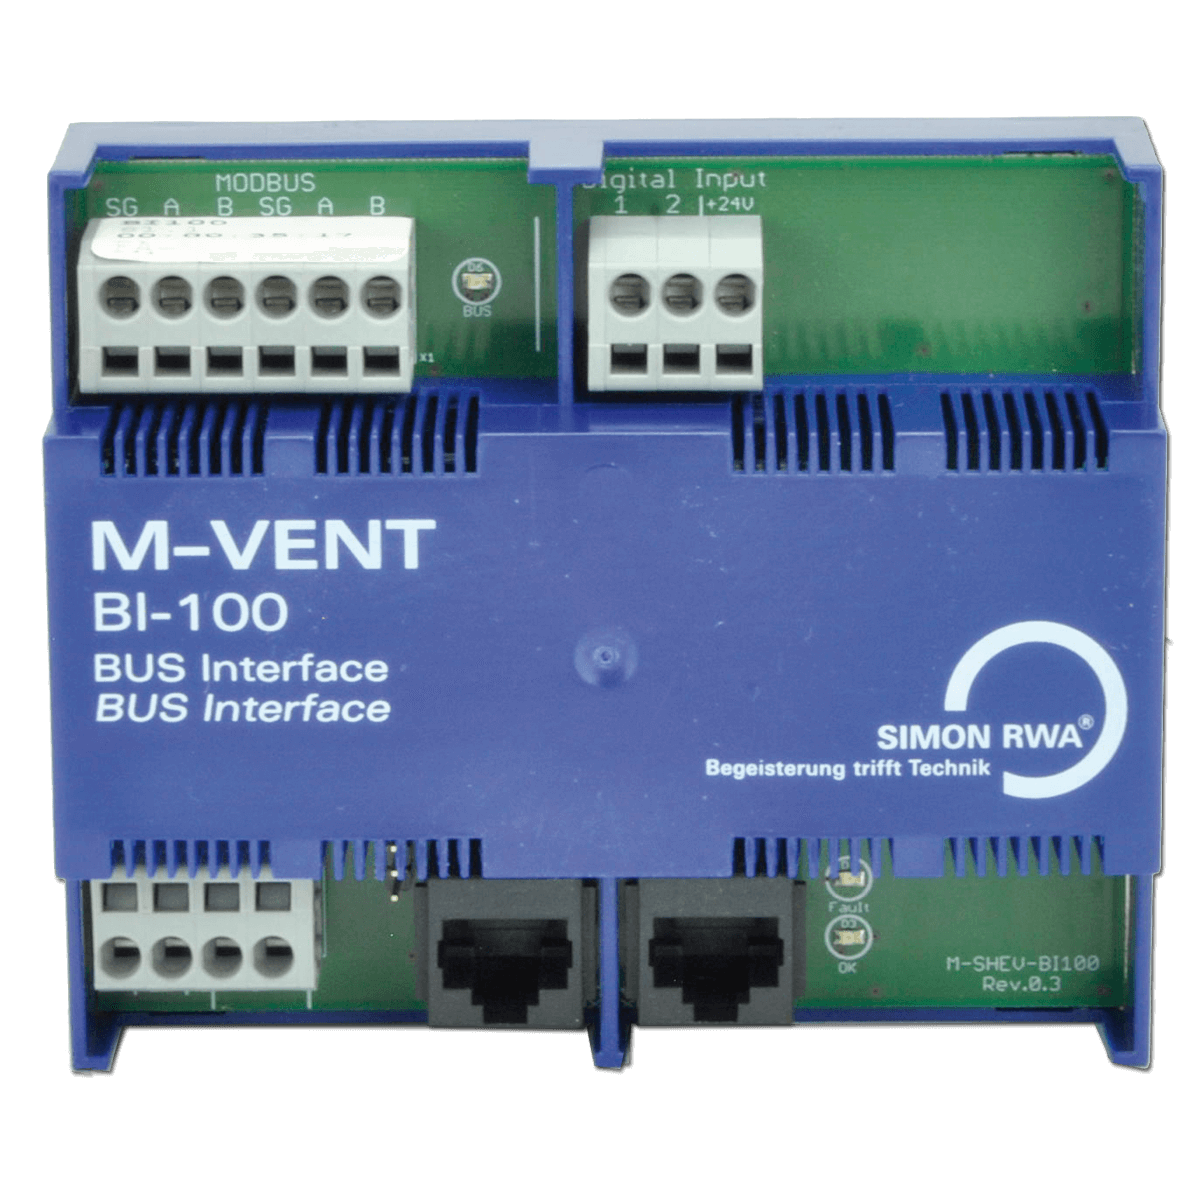 BI-100 Modul M-VENT